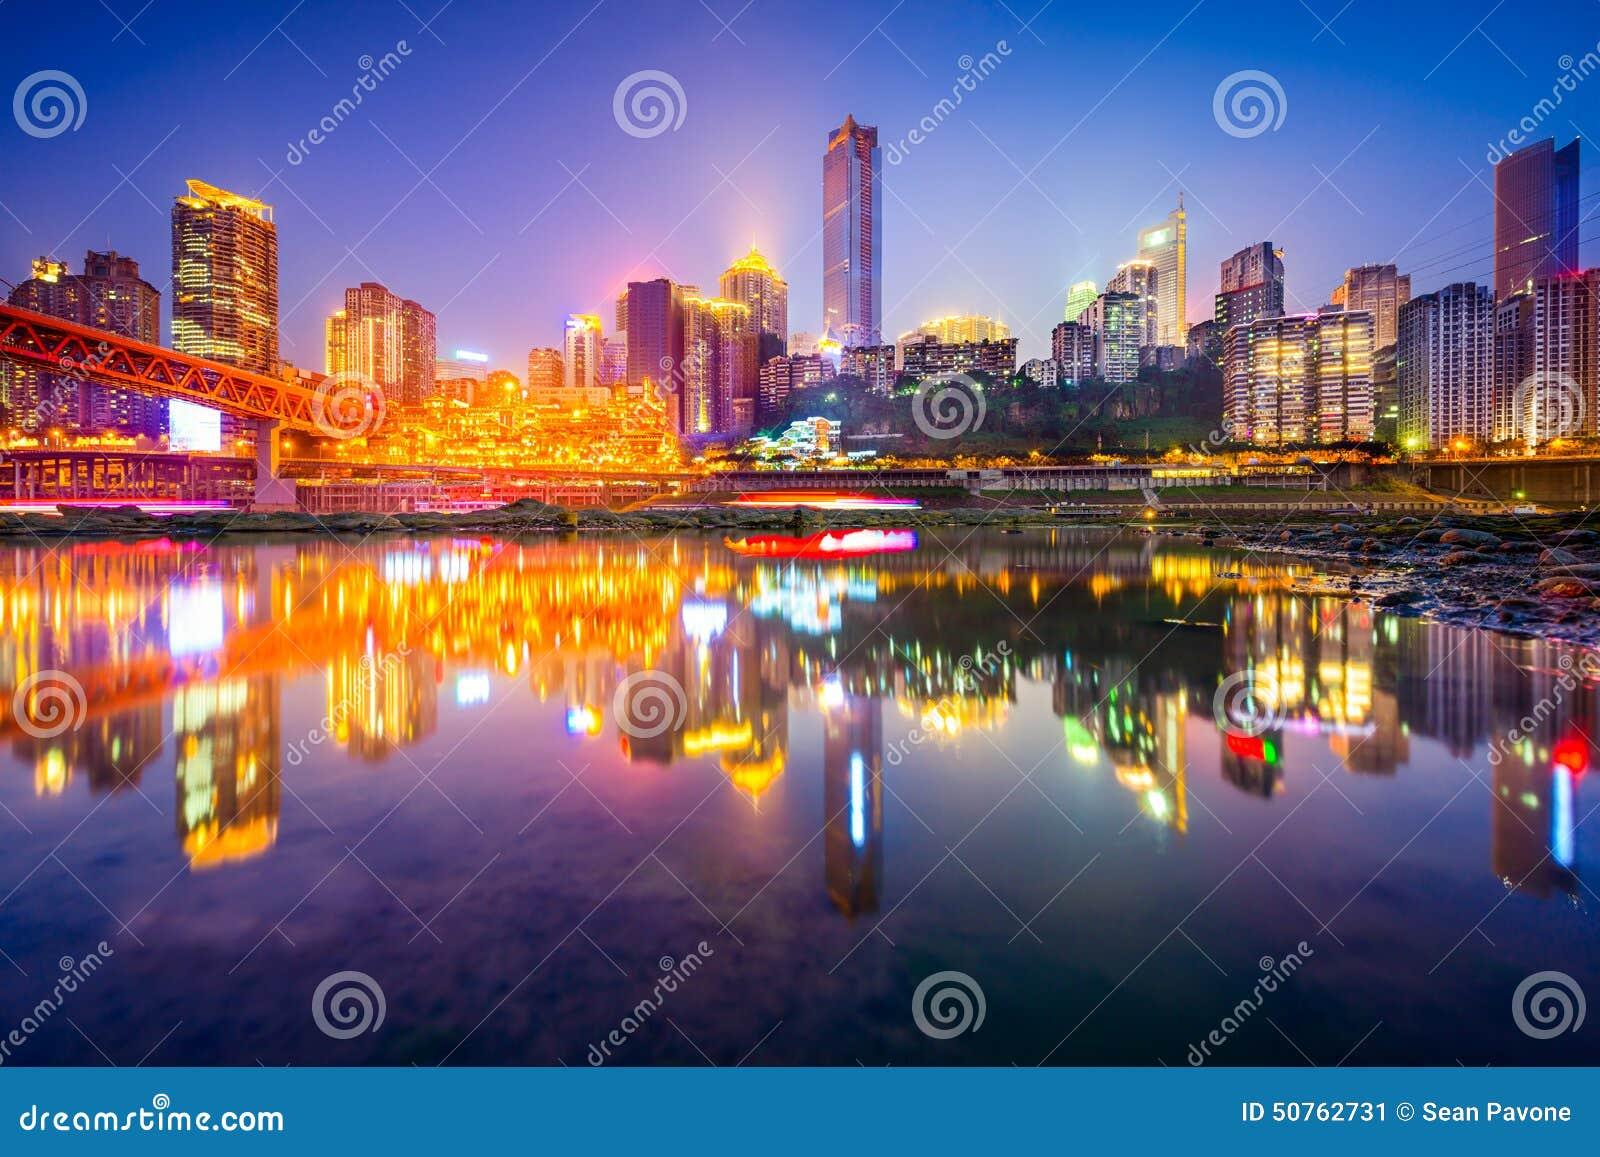 Chongqing China Skyline